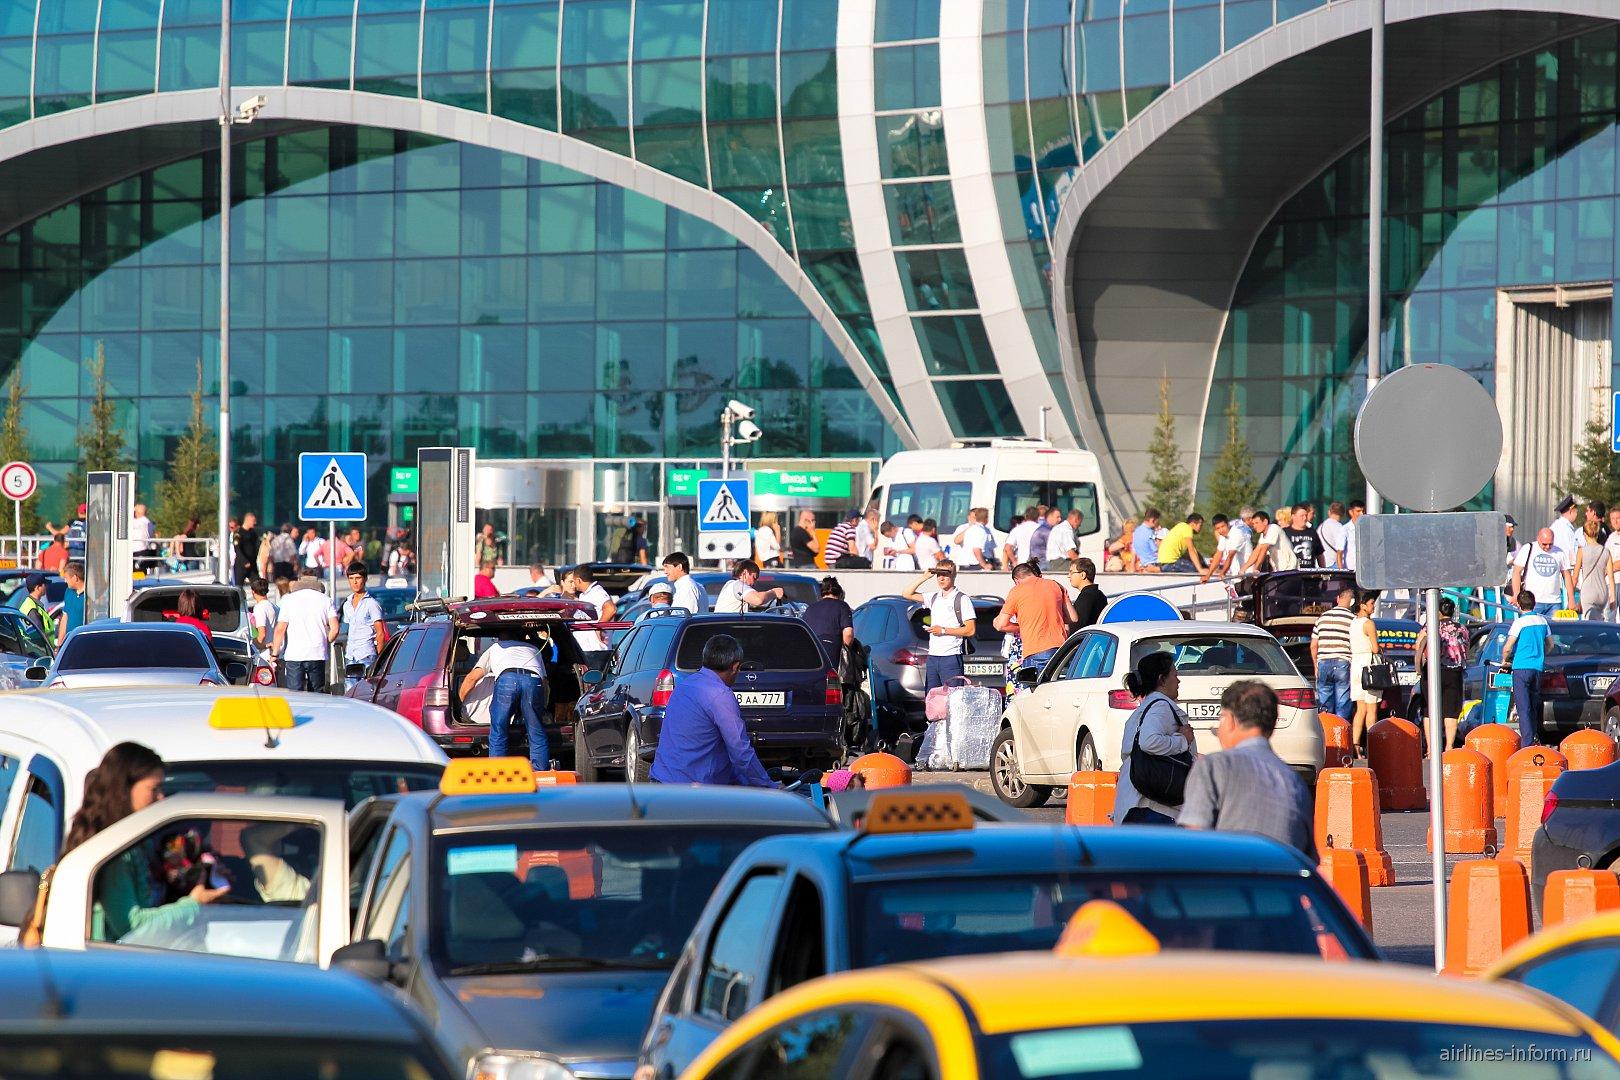 Суета в аэропорту Москва Домодедово